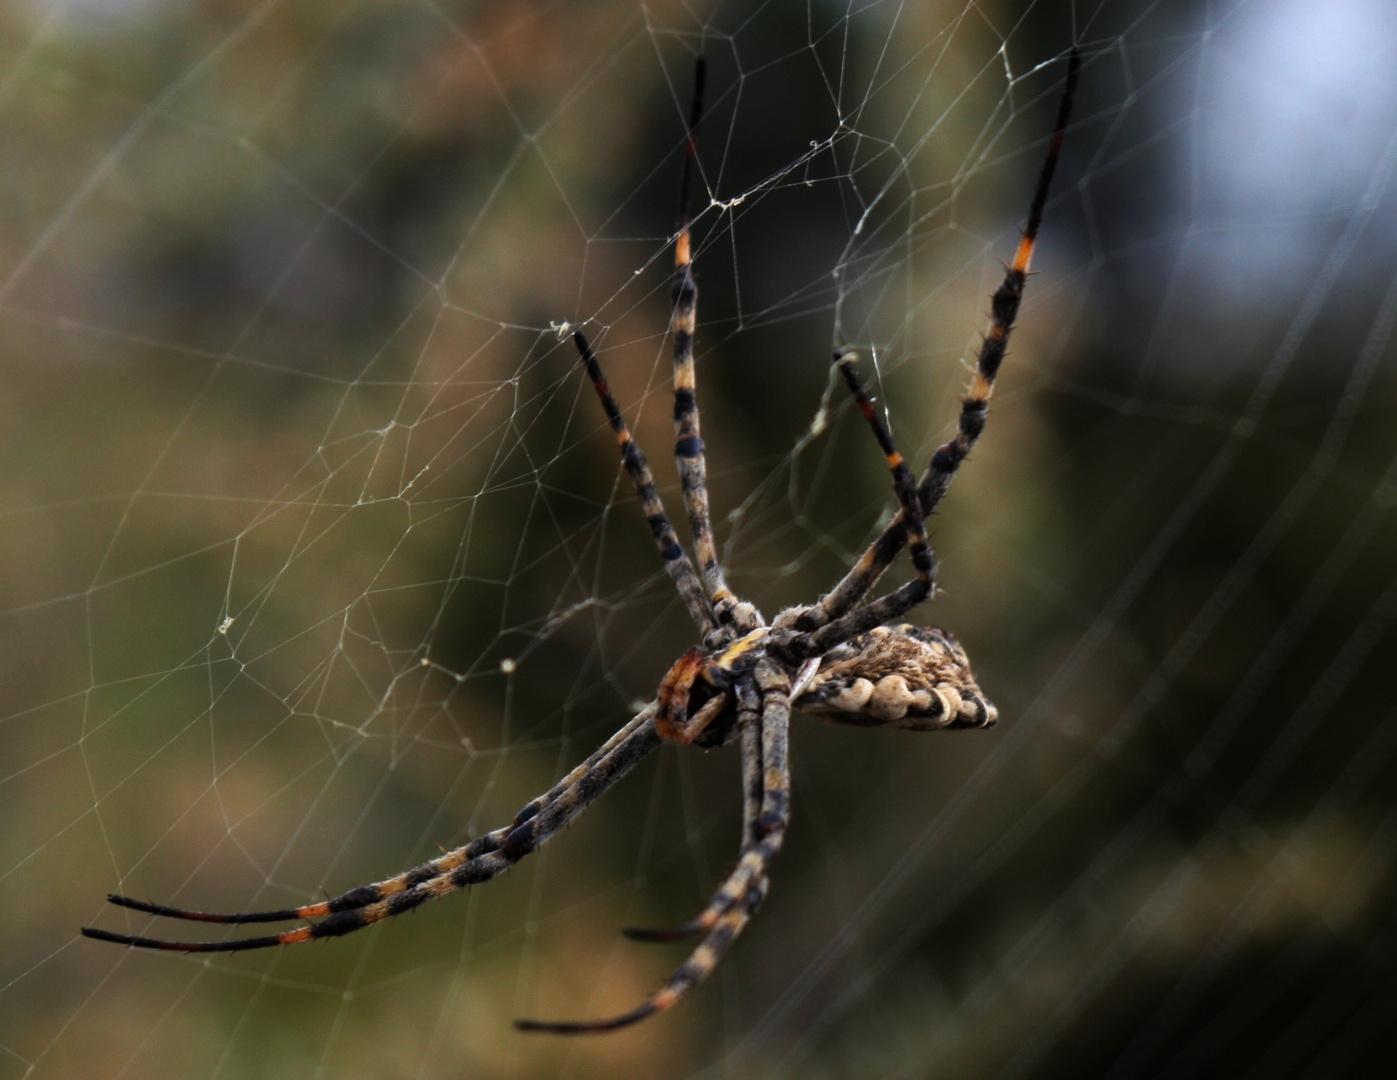 Spinne am Morgen vertreibt Kummer und Sorgen